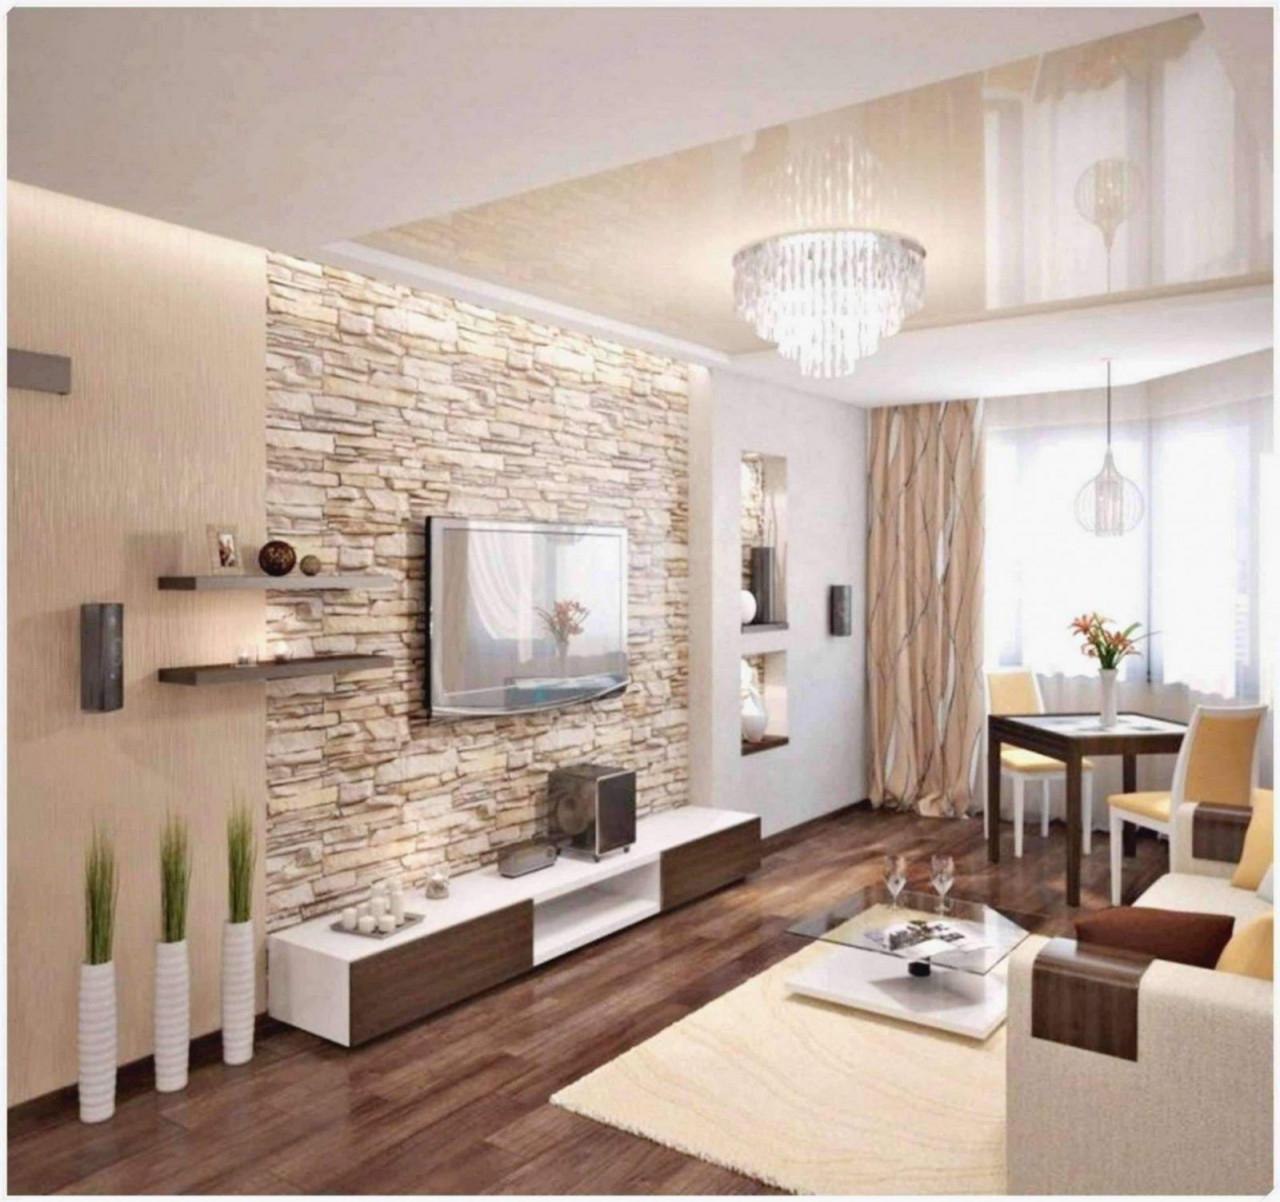 Deko Wand Wohnzimmer Frisch Luxury Dekoration Wohnzimmer Von von Wohnzimmer Dekorieren Bilder Bild